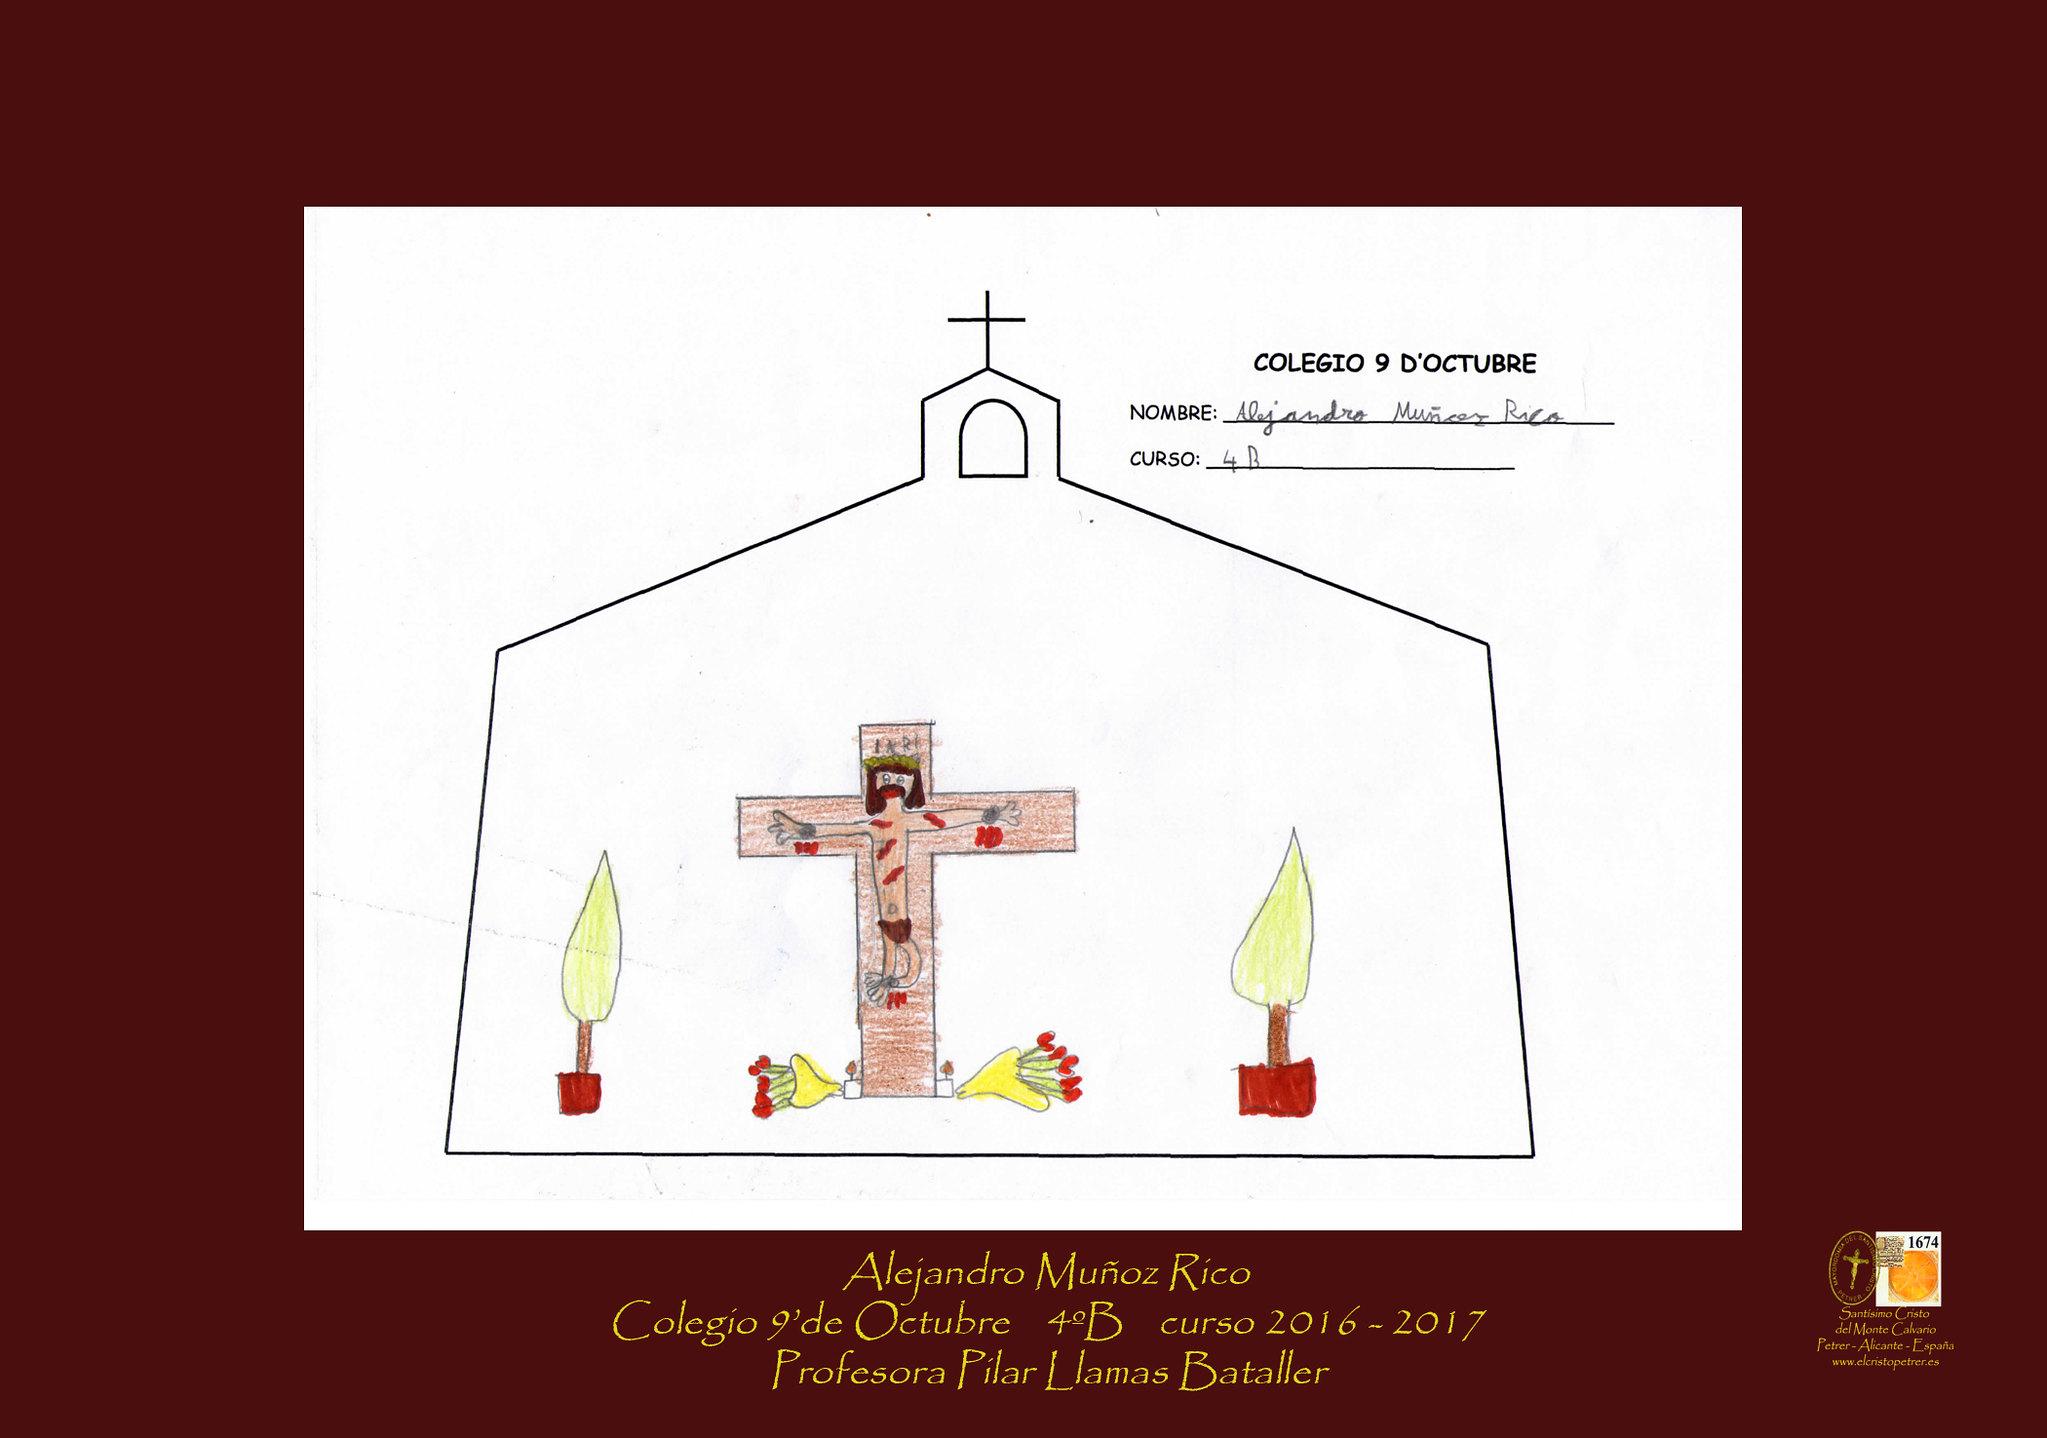 ElCristo - Actos - Exposicion Fotografica - (2017-12-01) - 9 D'Octubre - 4ºB - Muñoz Rico, Alejandro